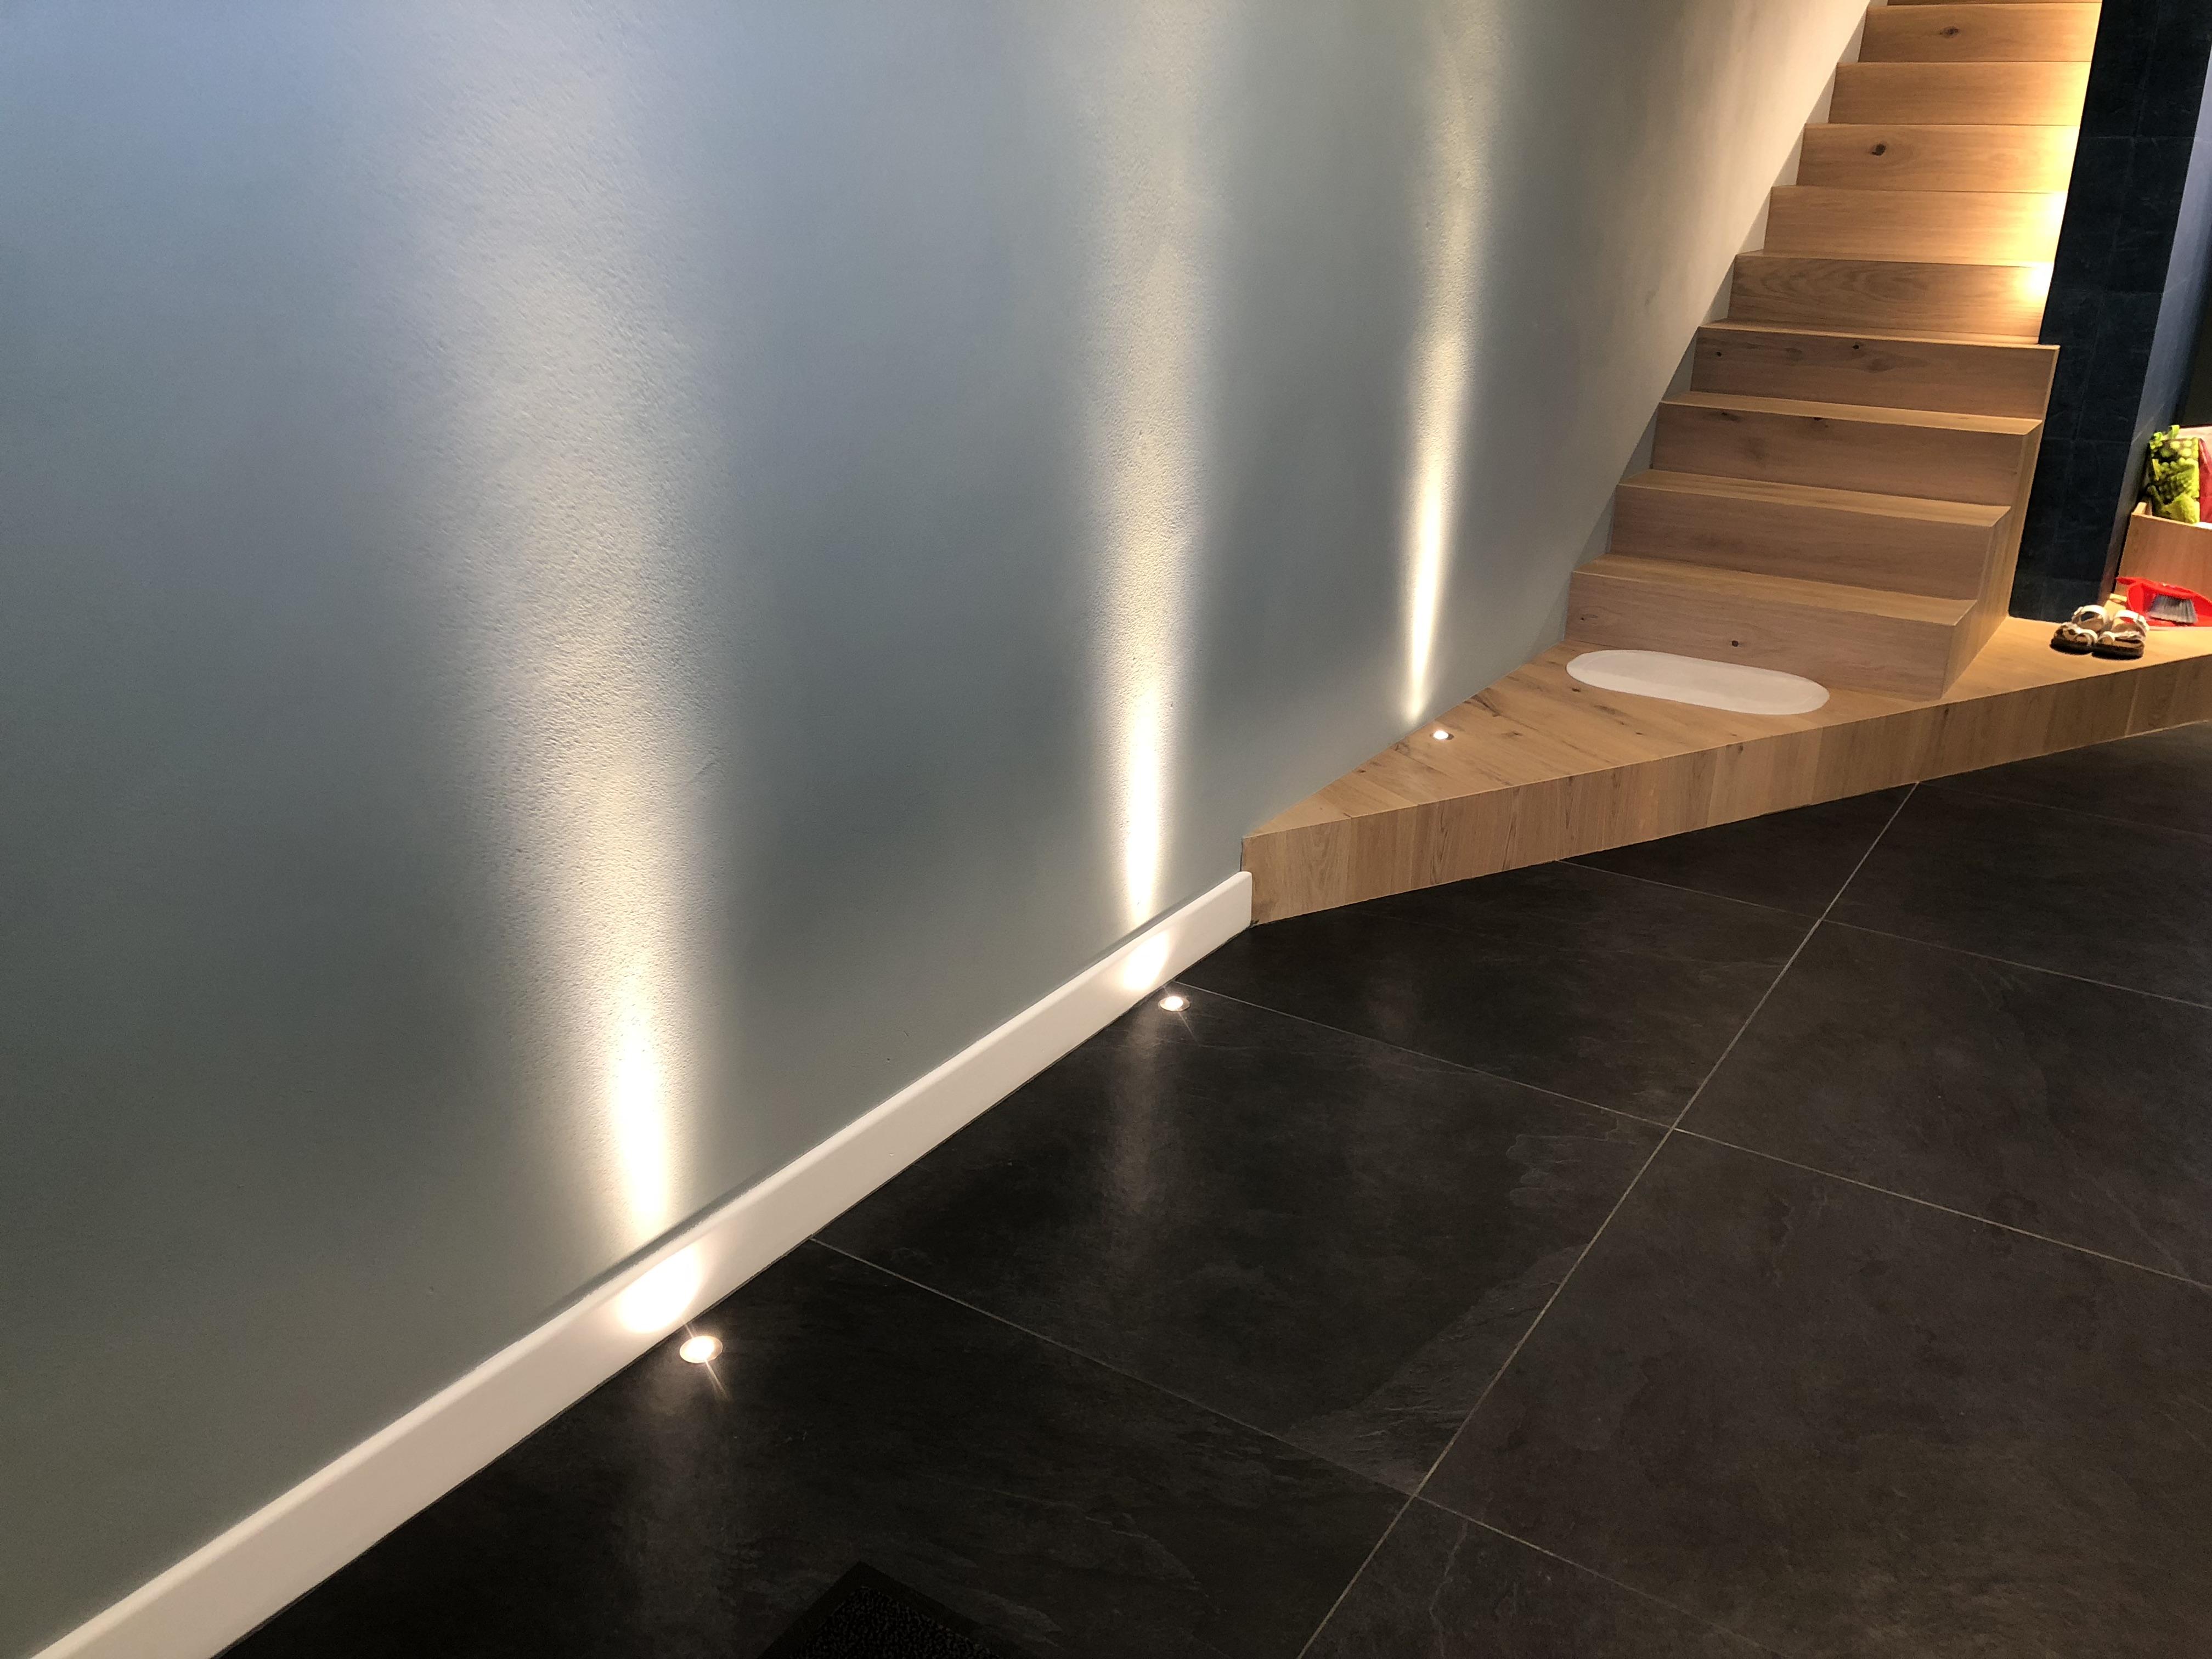 Cono Luce Faretti Led illuminazione fascio stretto - come illuminare le pareti con